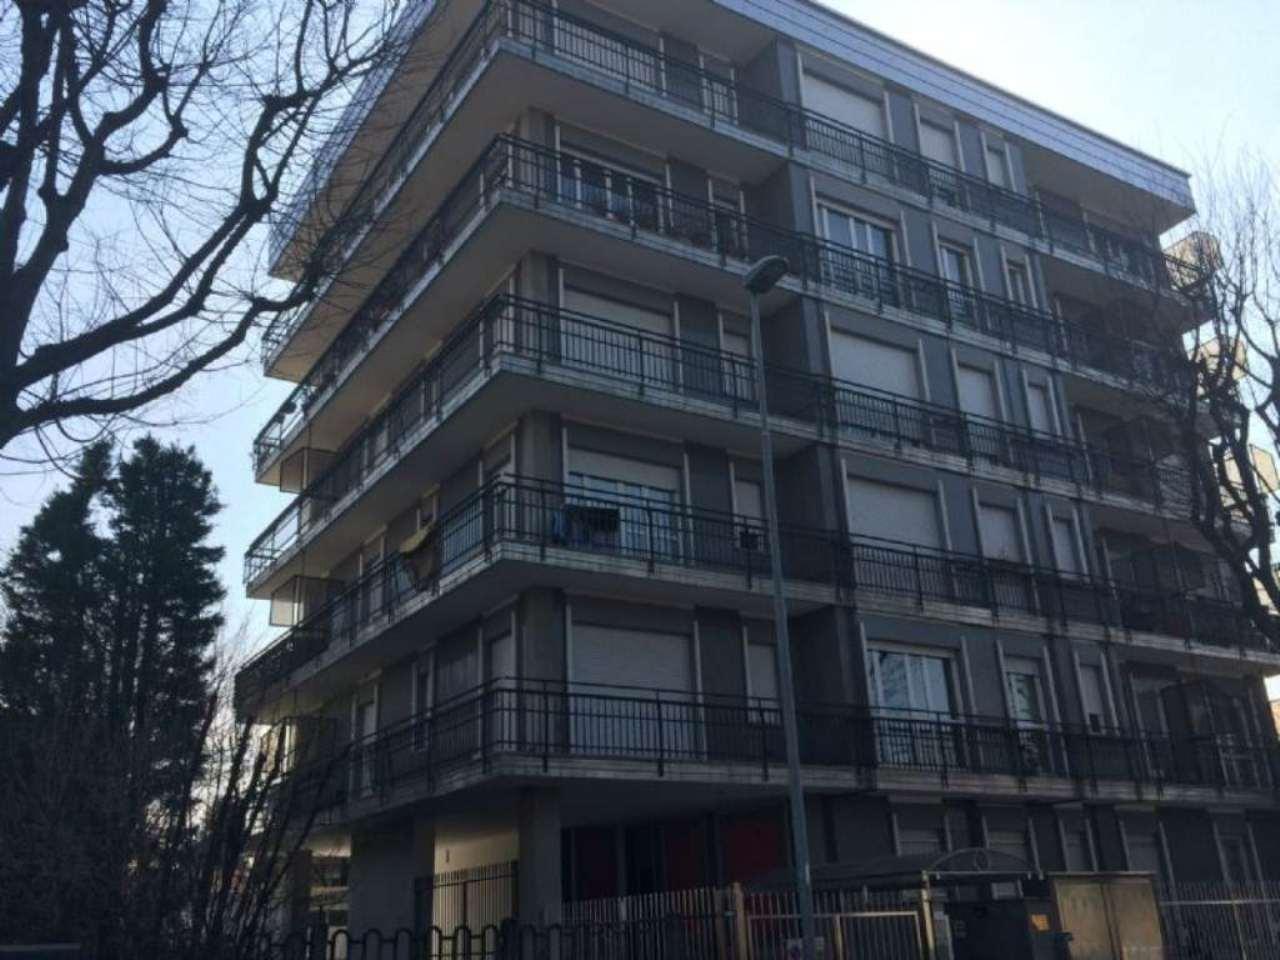 Attico / Mansarda in vendita a Rho, 5 locali, prezzo € 410.000 | Cambio Casa.it